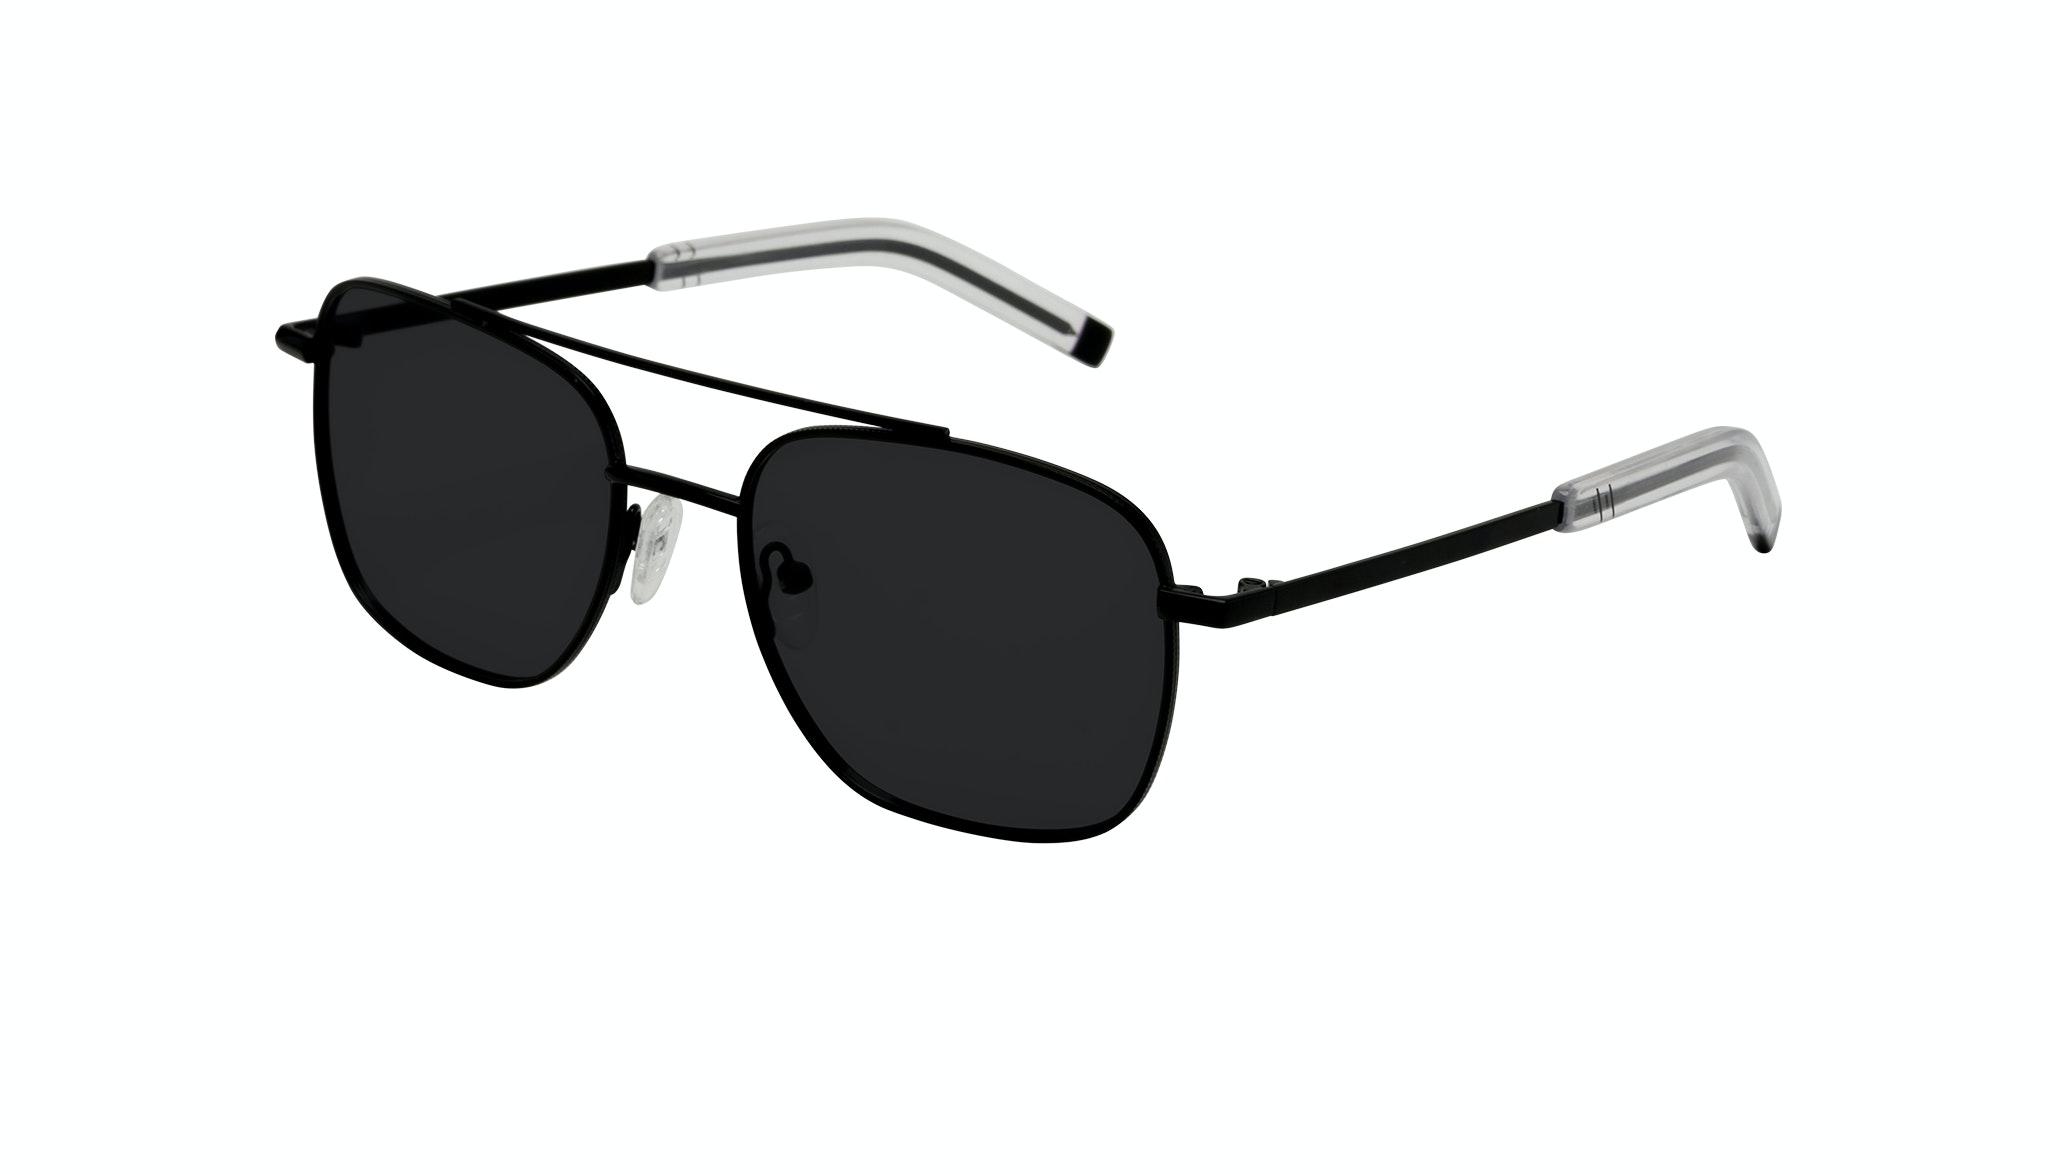 Affordable Fashion Glasses Aviator Sunglasses Men Drift Black Tilt